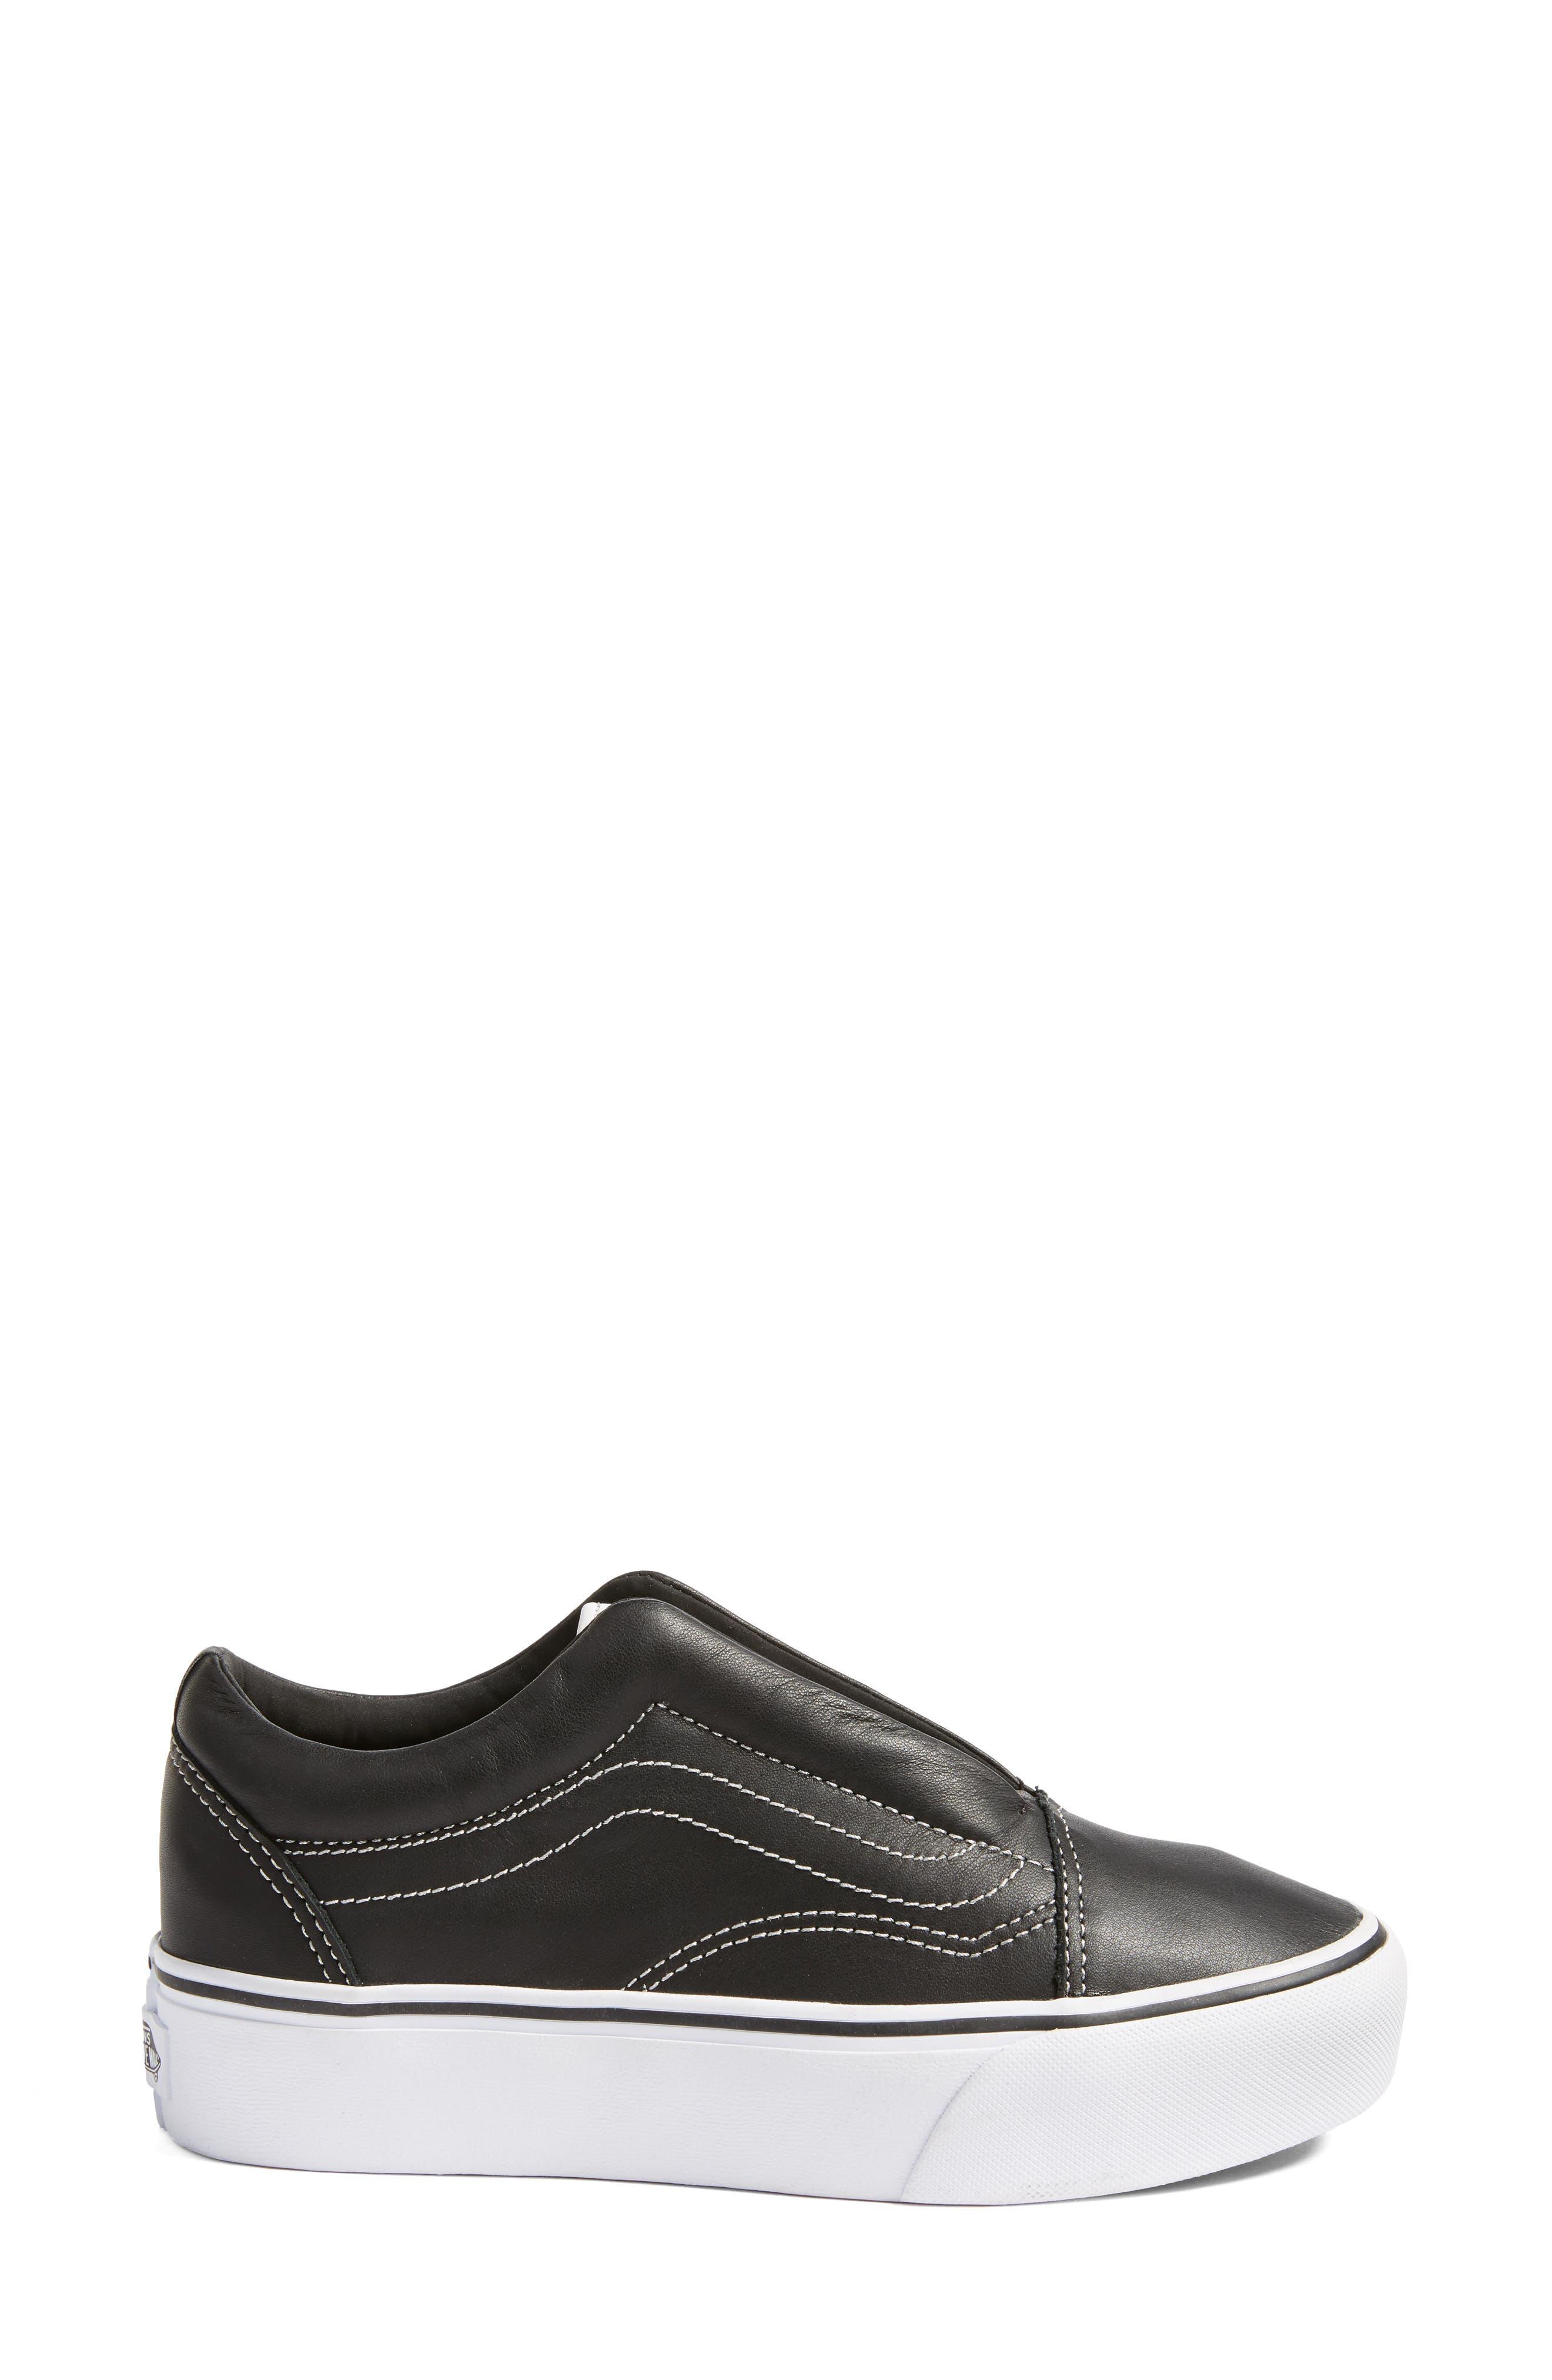 VANS,                             x KARL LAGERFELD Old Skool Leather Platform Sneaker,                             Alternate thumbnail 3, color,                             001